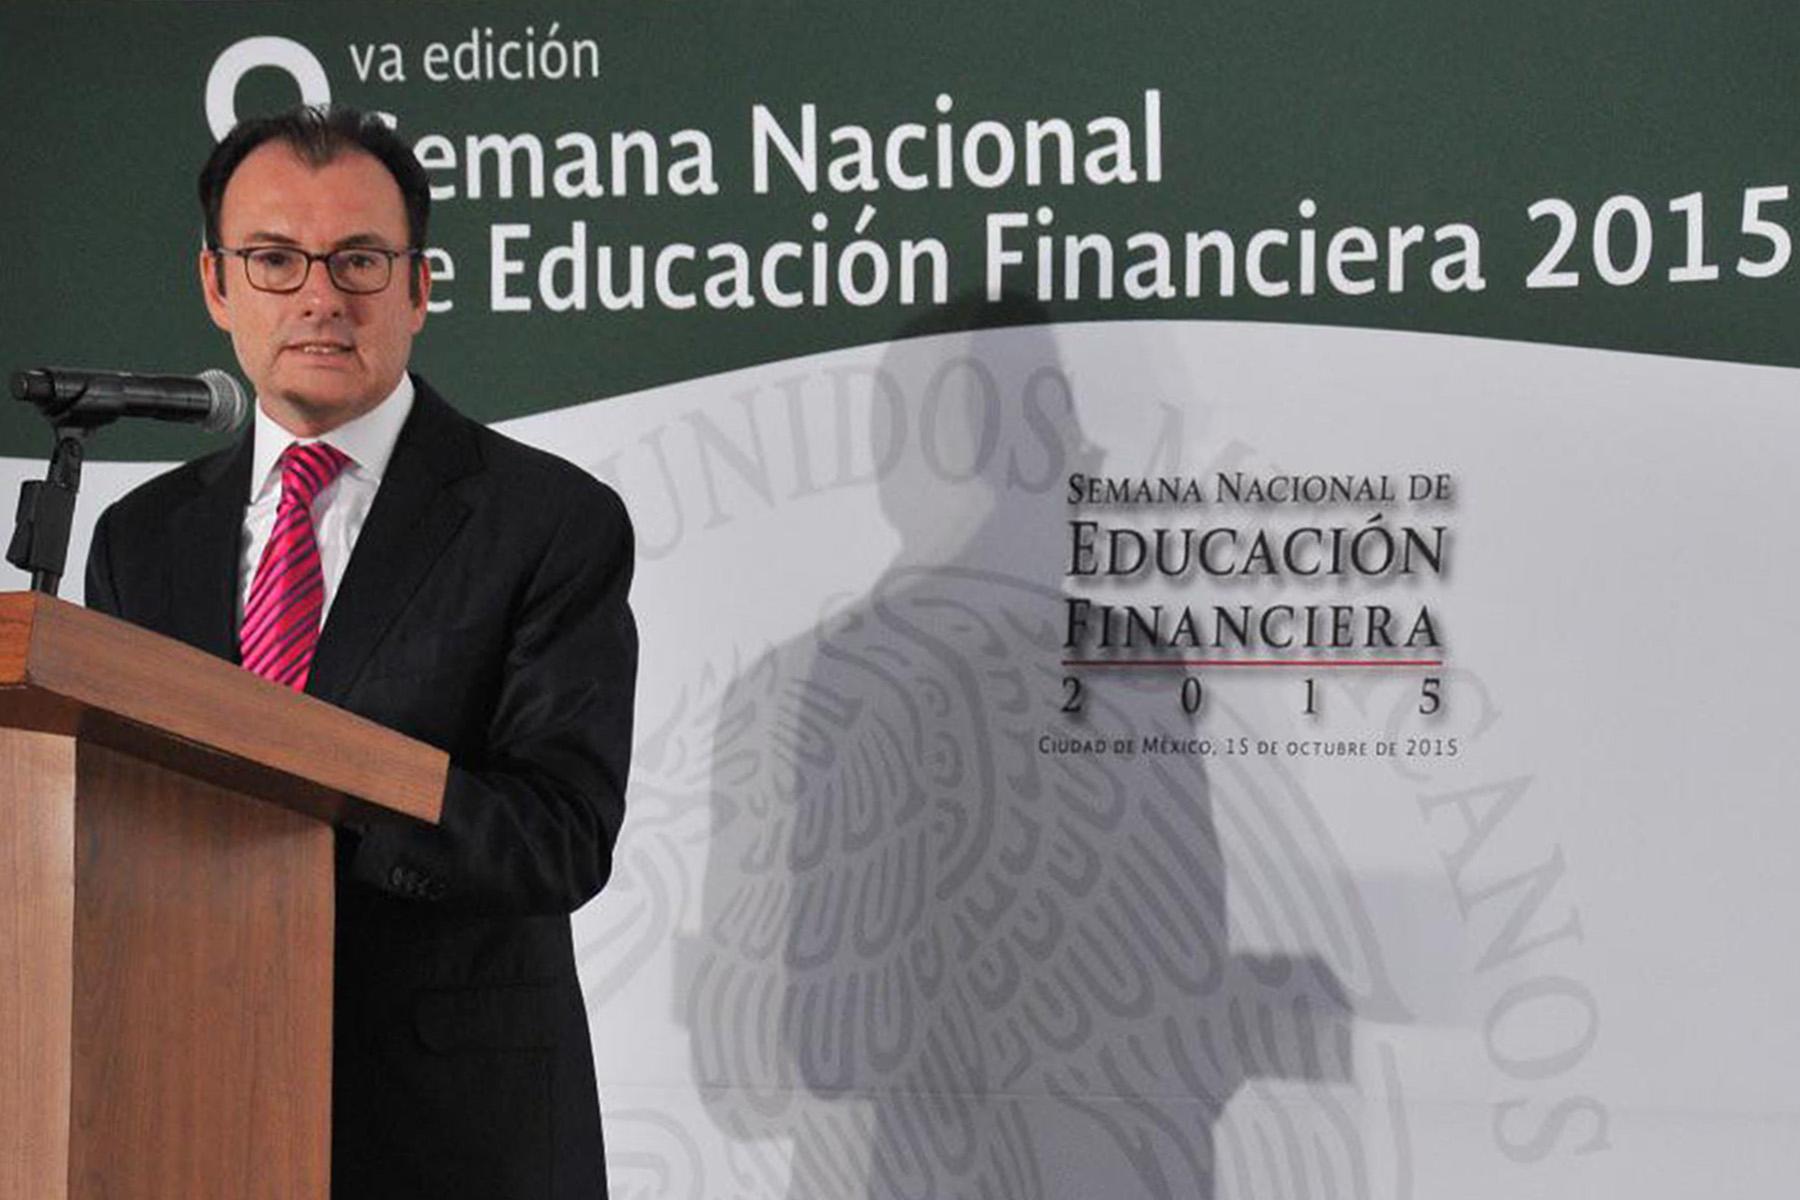 Dr. Luis Videgaray Caso, Secretario de Hacienda y Crédito Público. Inauguración de la Semana Nacional de Educación Financiera 2015.